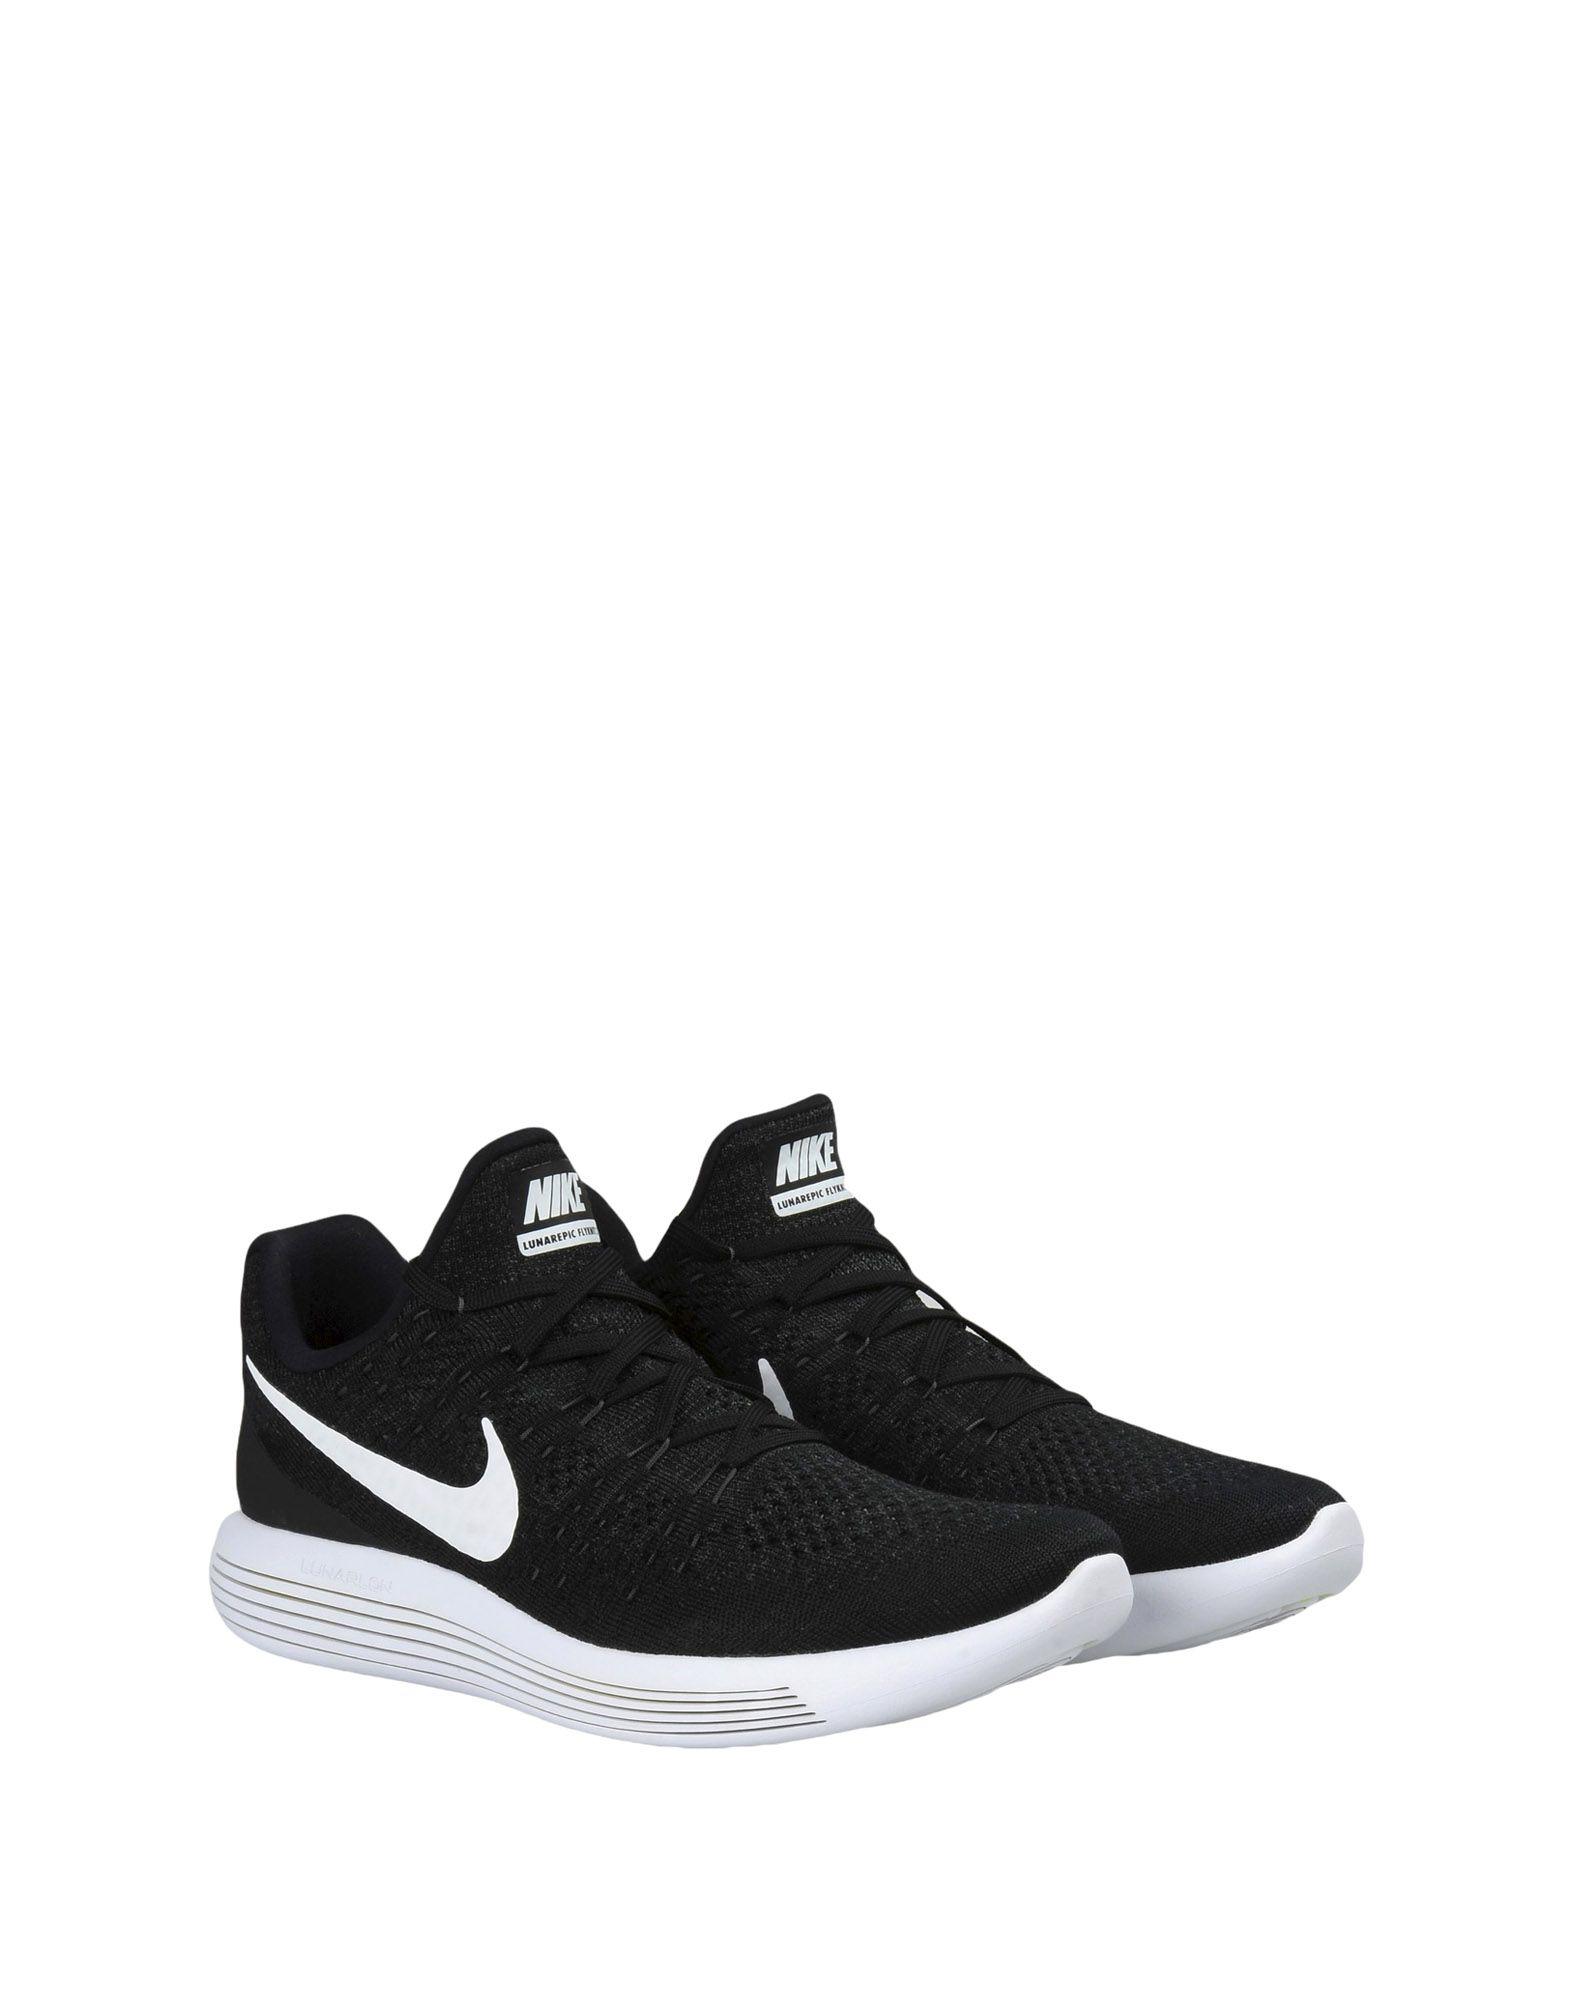 Rabatt echte Flyknit Schuhe Nike  Lunarepic Low Flyknit echte 2  11218798EA 68a5fe